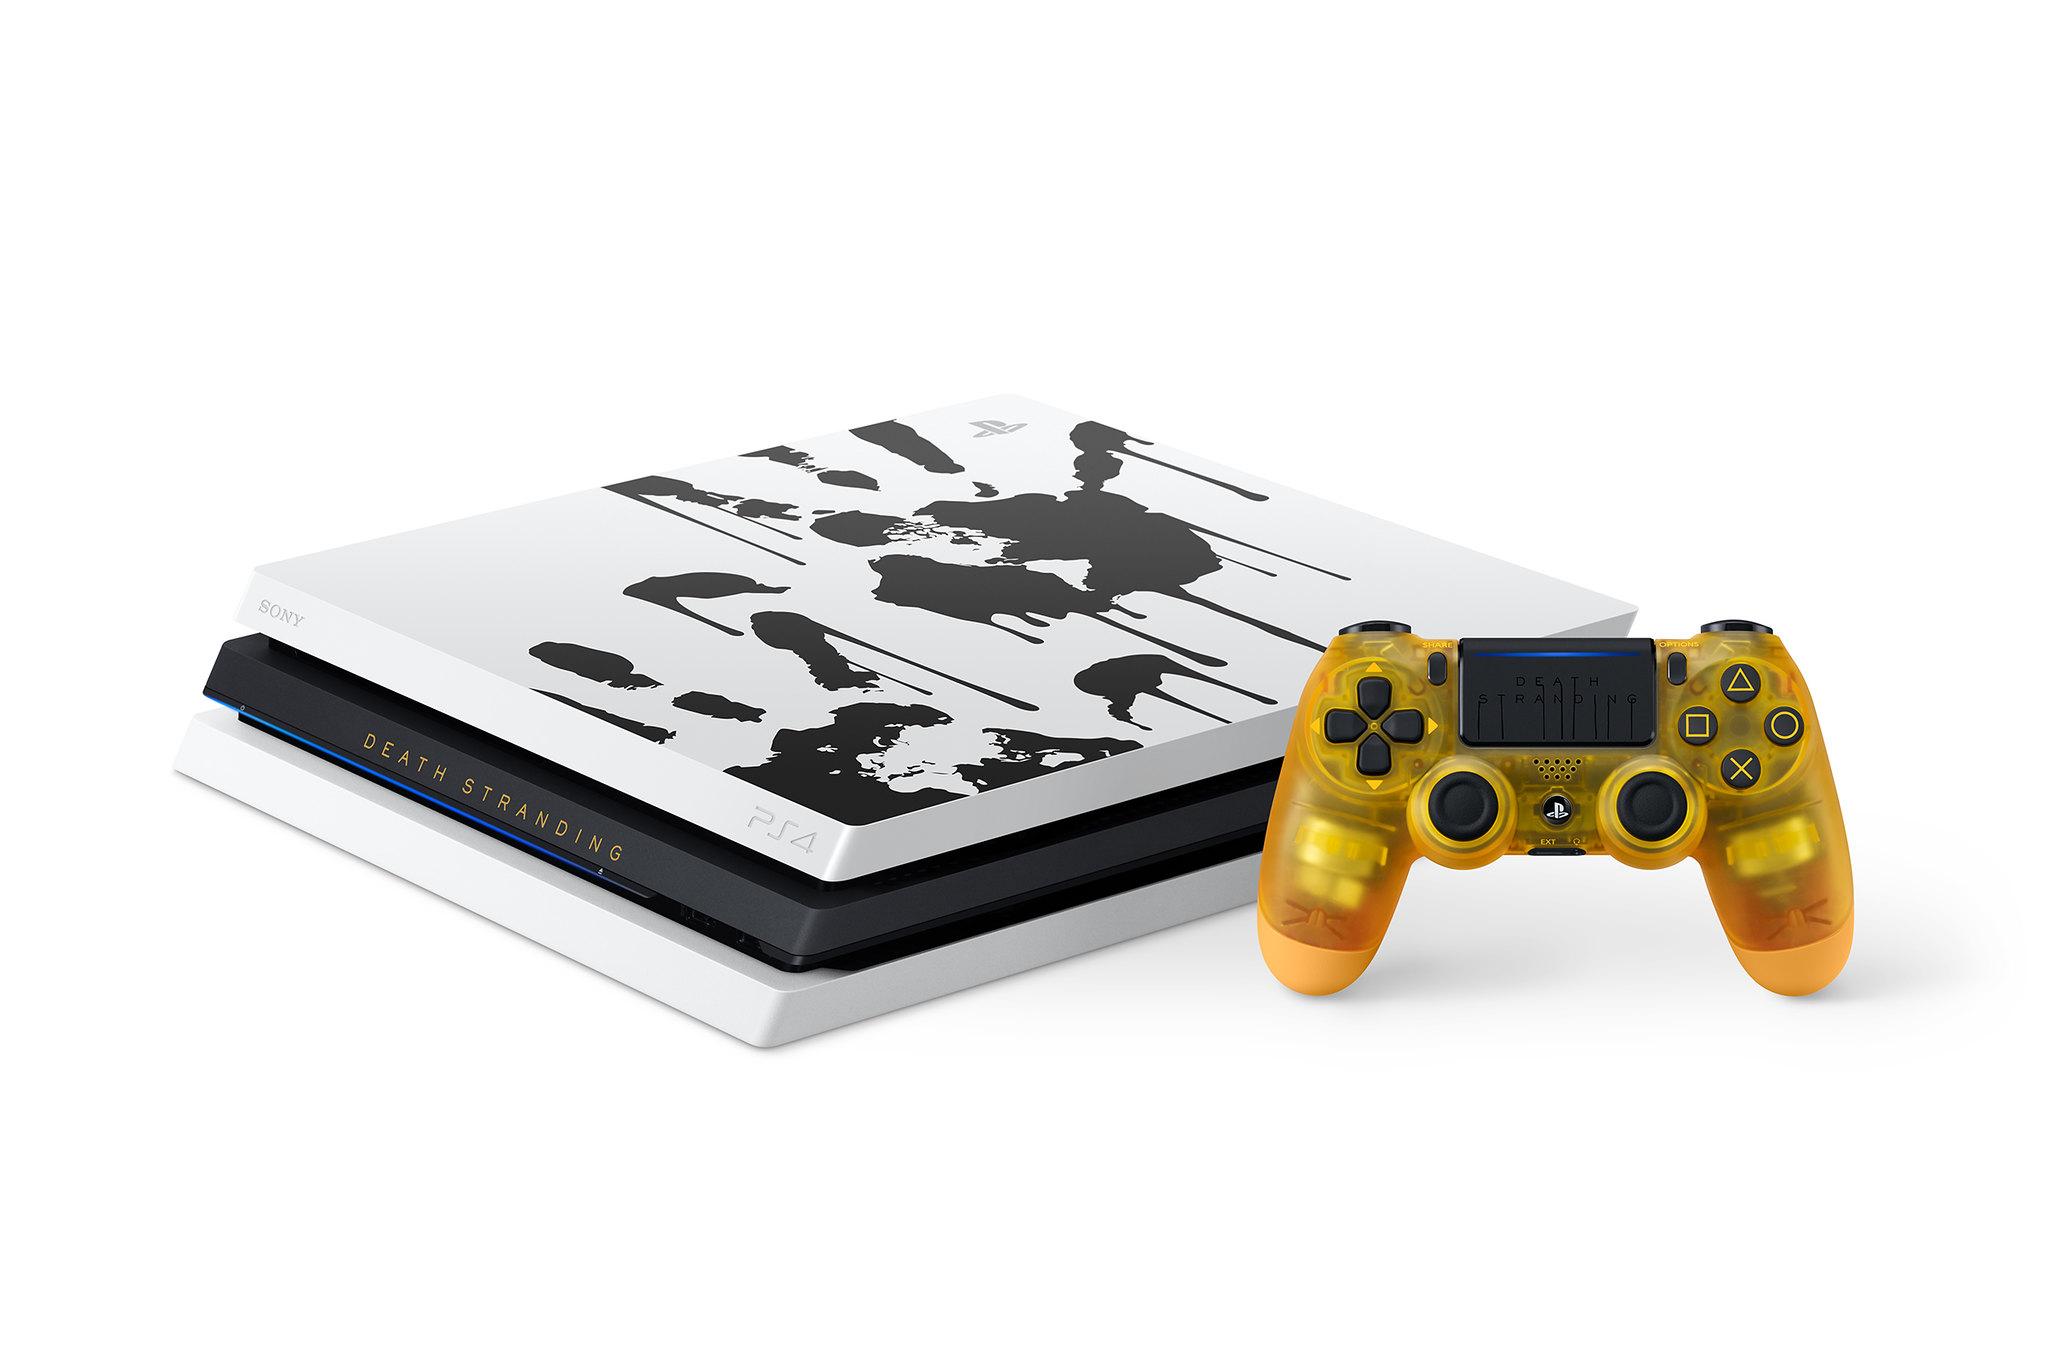 La PS4 Pro speciale in bundle con Death Stranding